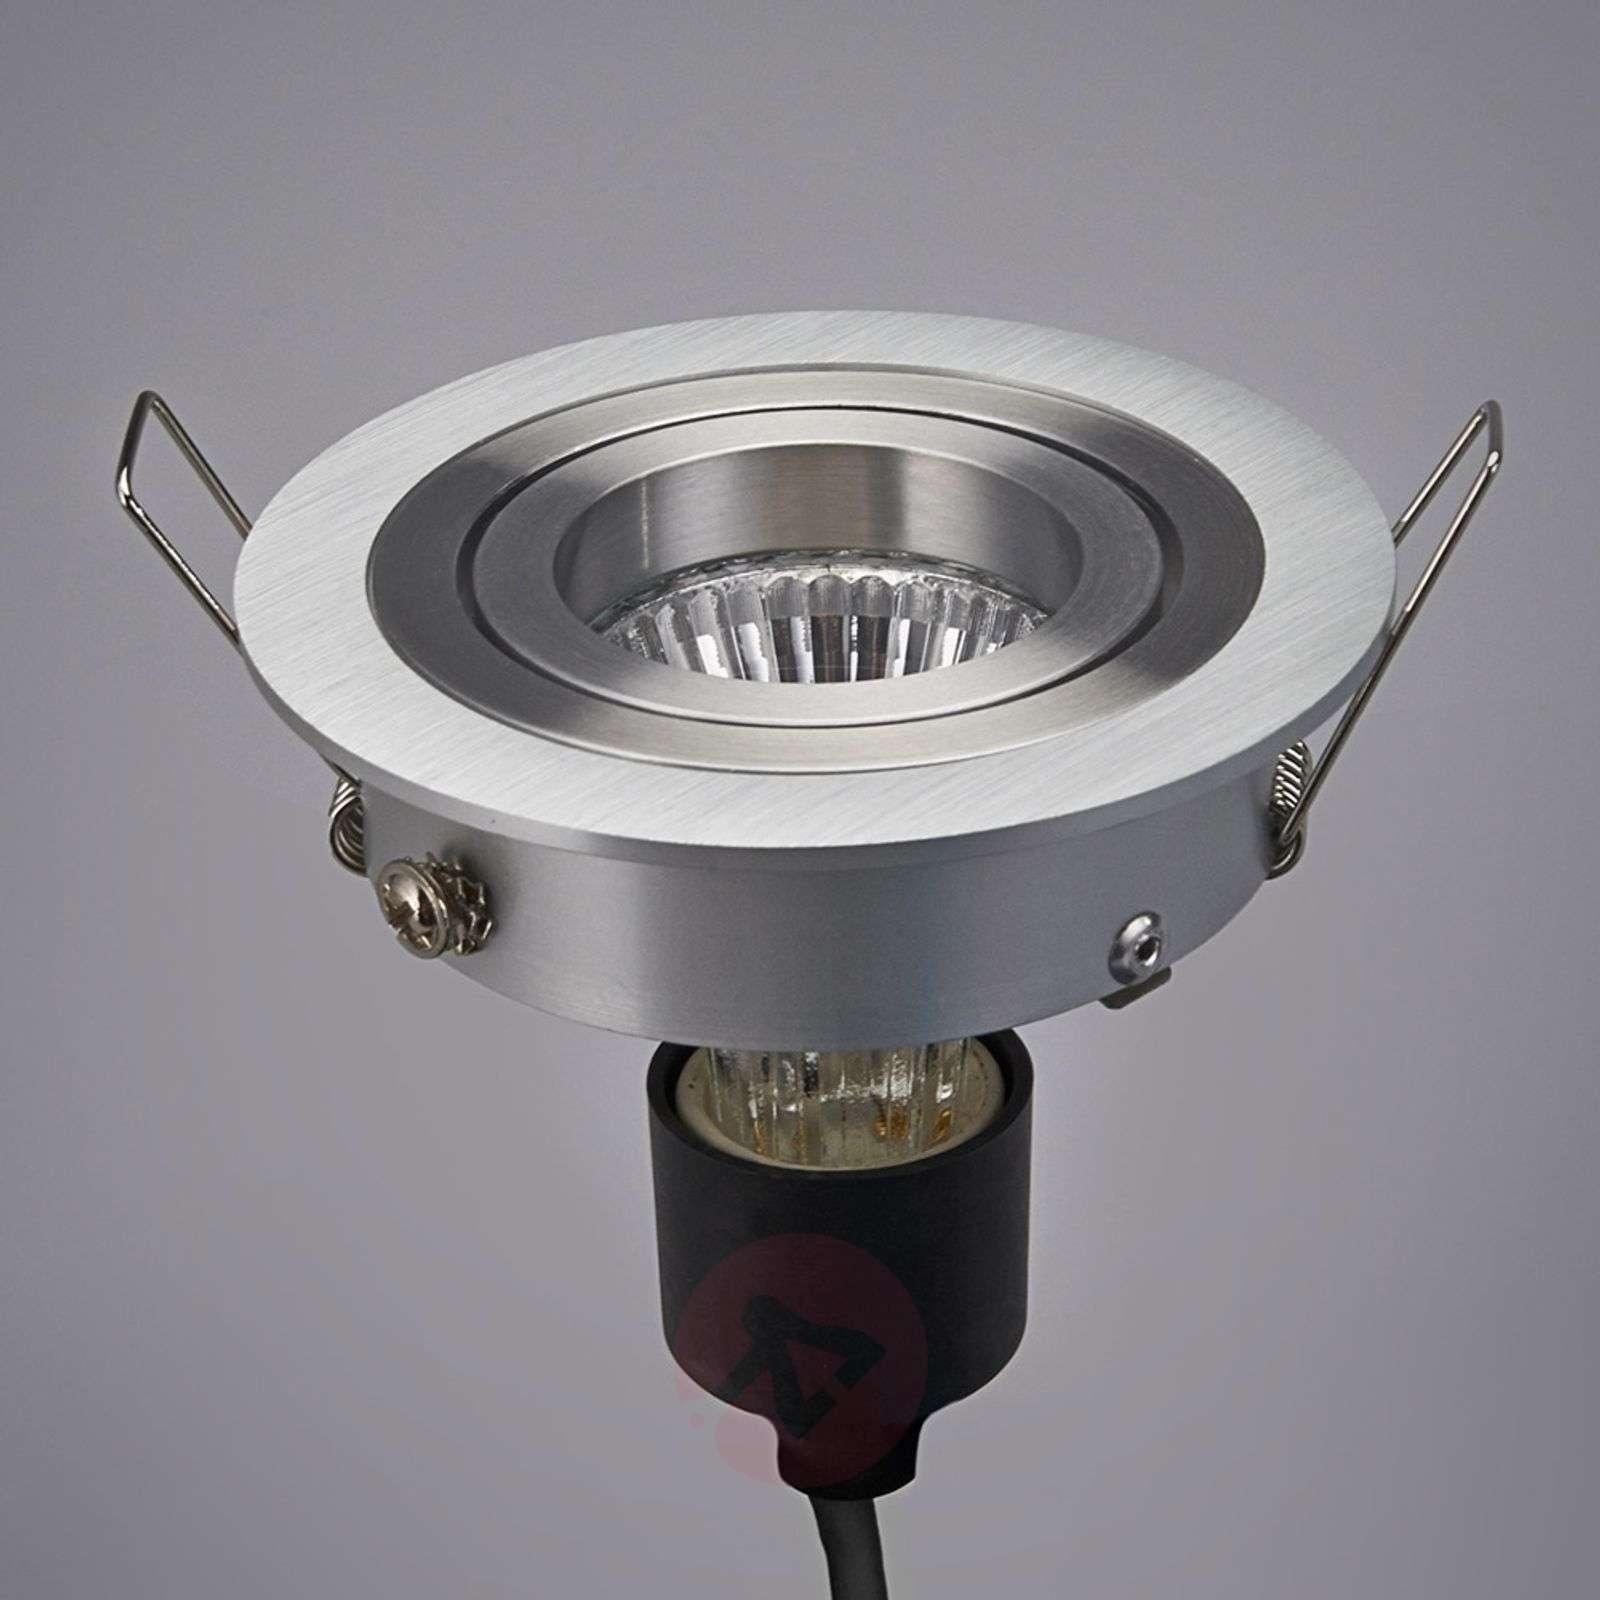 Round high voltage recessed light Sophia-9620700-01